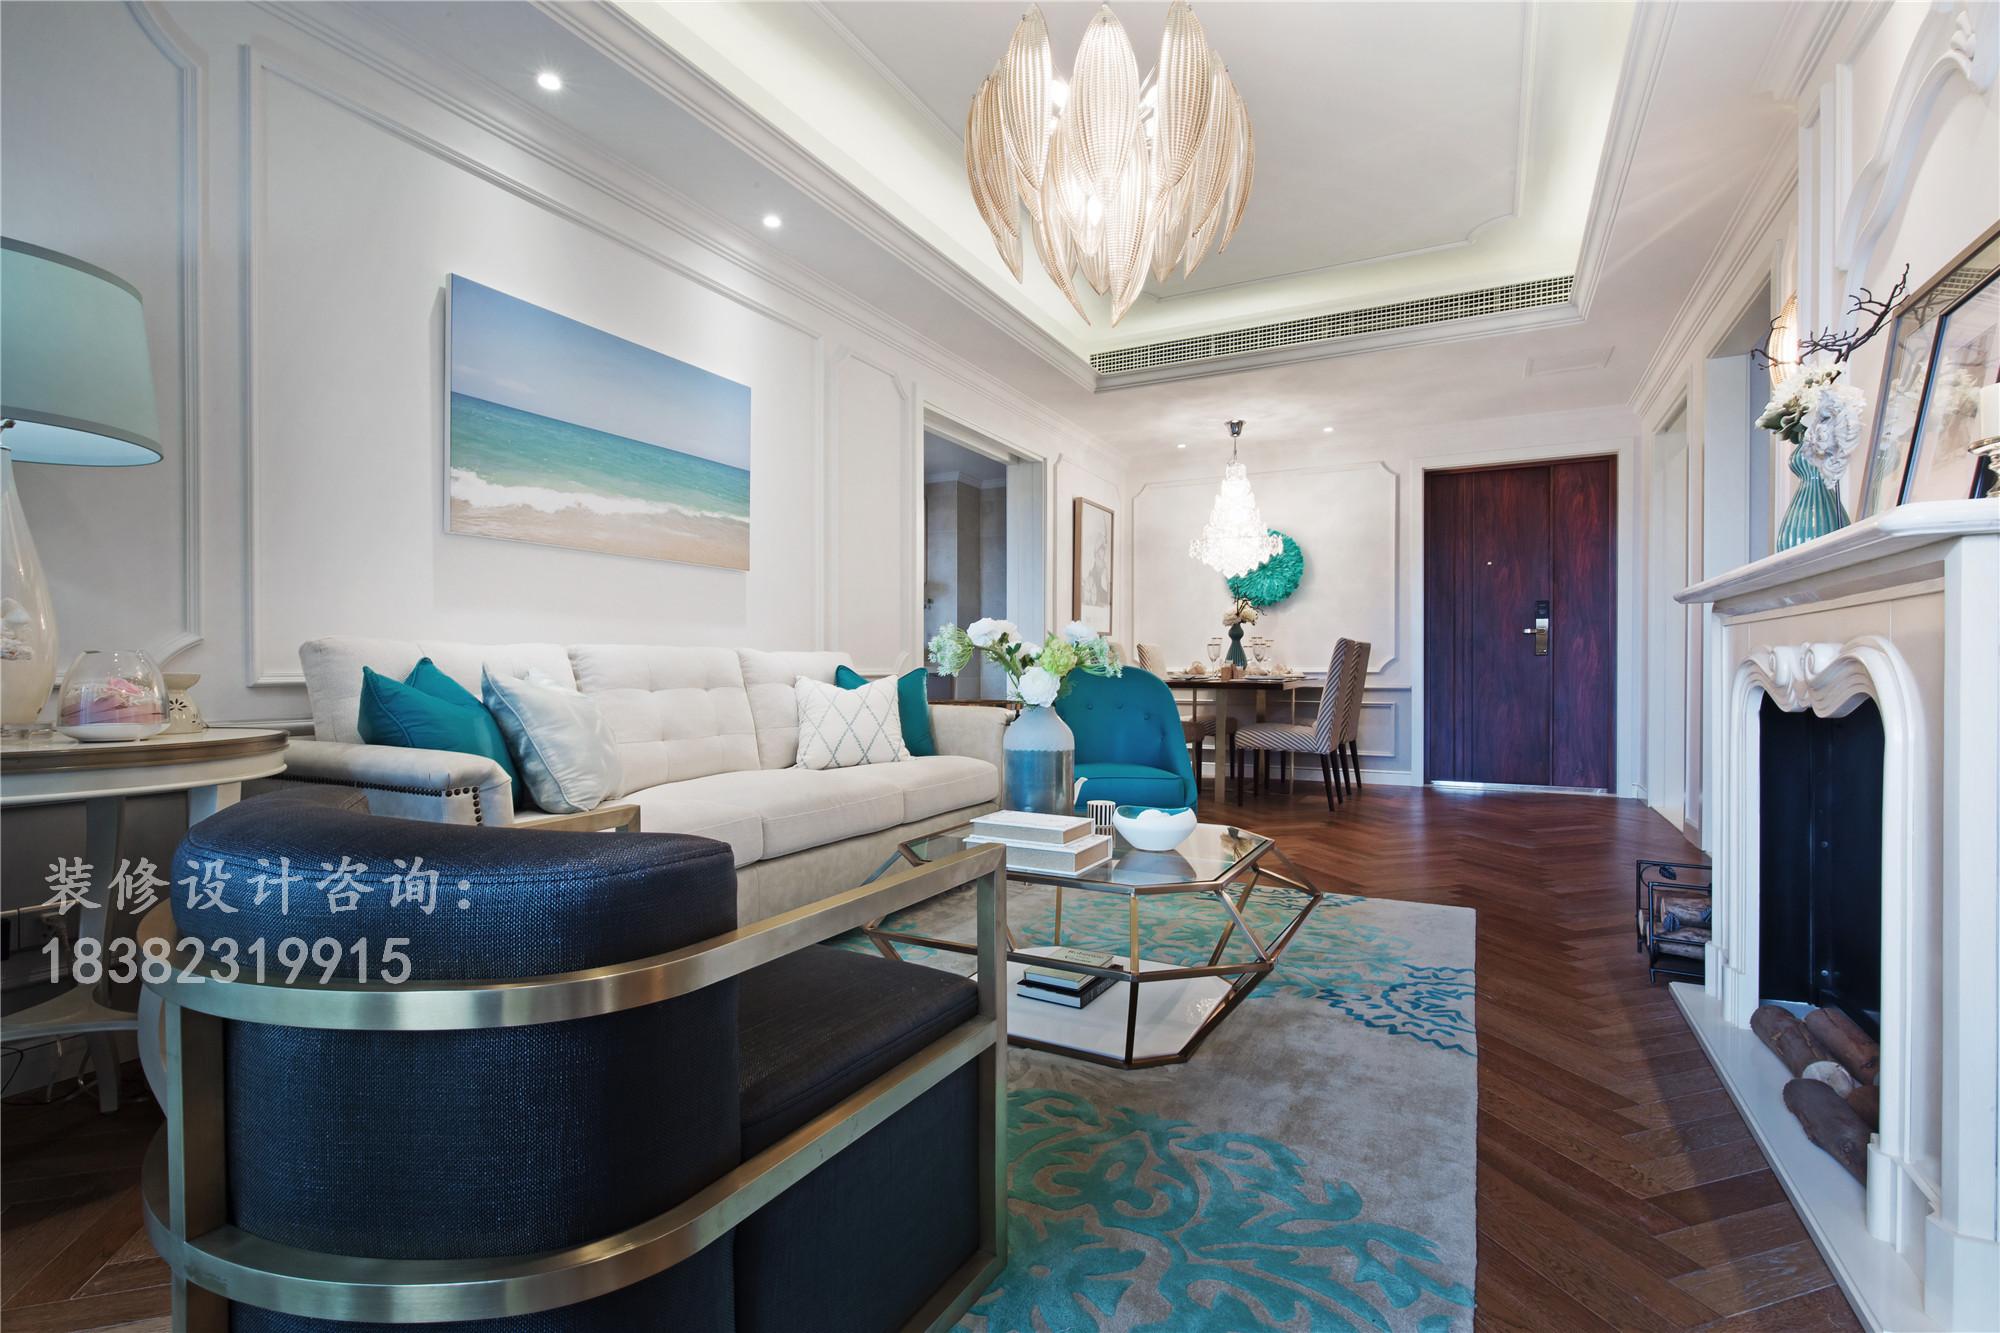 简约 三居 美式 80后 小资 客厅图片来自成都丰立装饰工程公司在孔雀蓝-神秘的色彩的分享